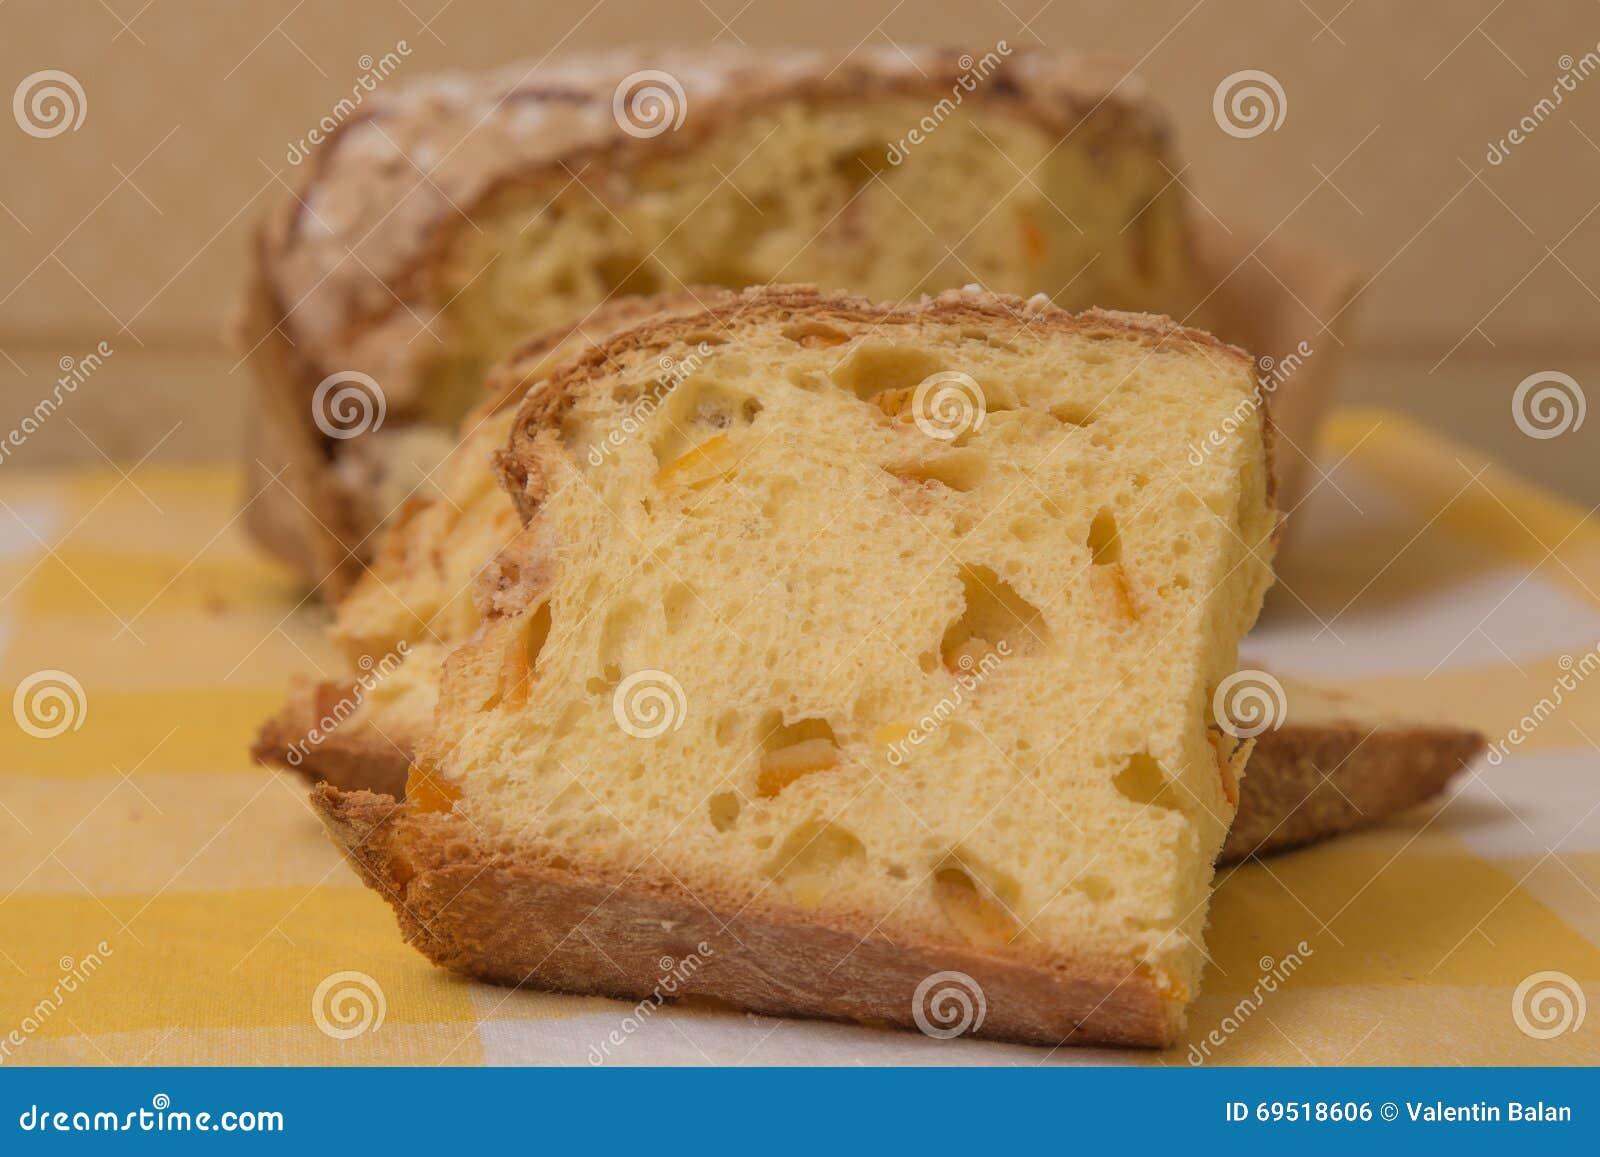 Italienischer Panettone Kuchen Stockfoto Bild Von Brot